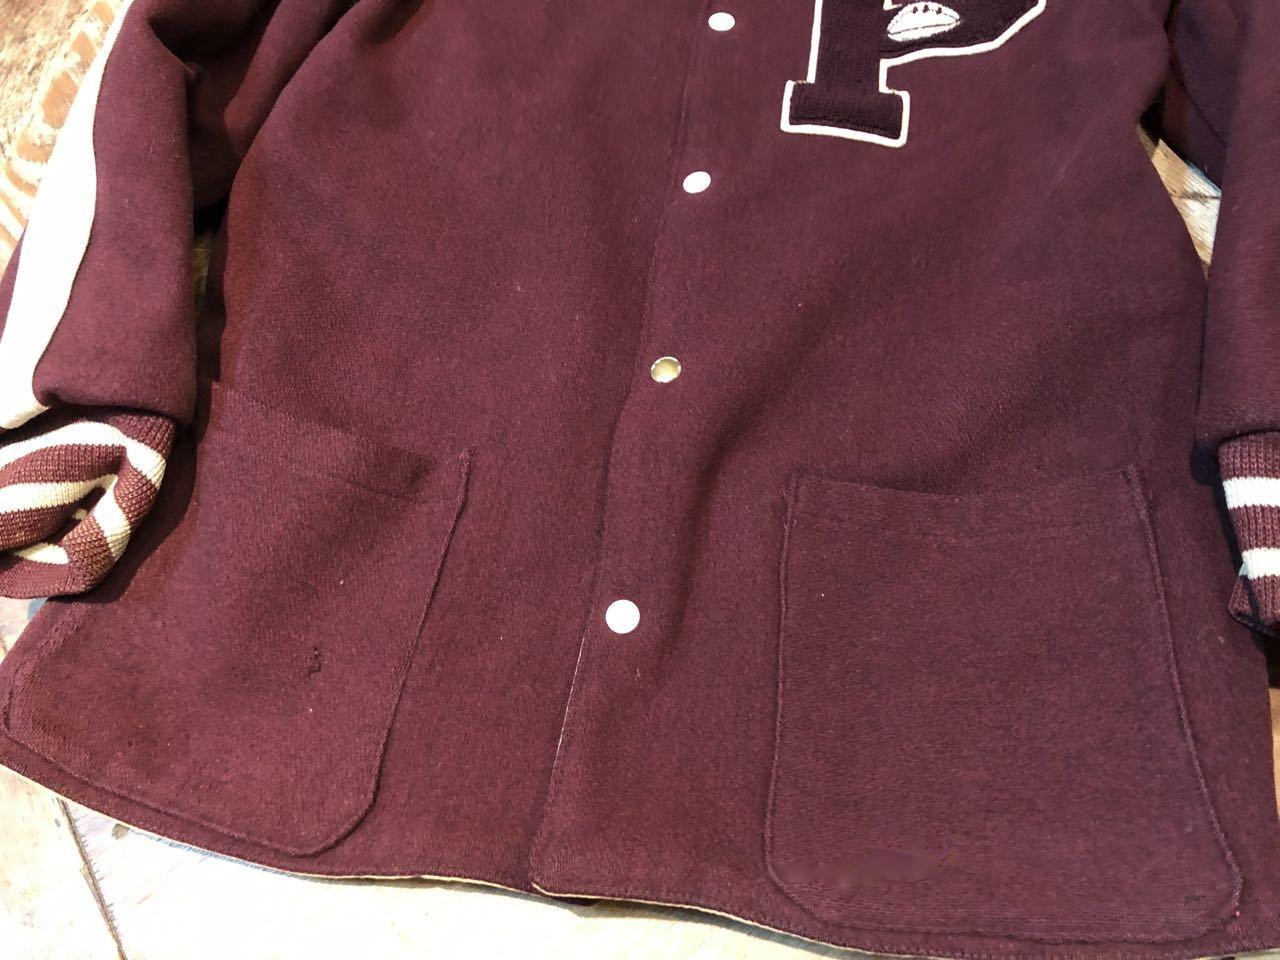 12月27日(金)入荷!60s リバーシブル パチポケ Varsity Jacket!! スタジャン!_c0144020_13321727.jpg